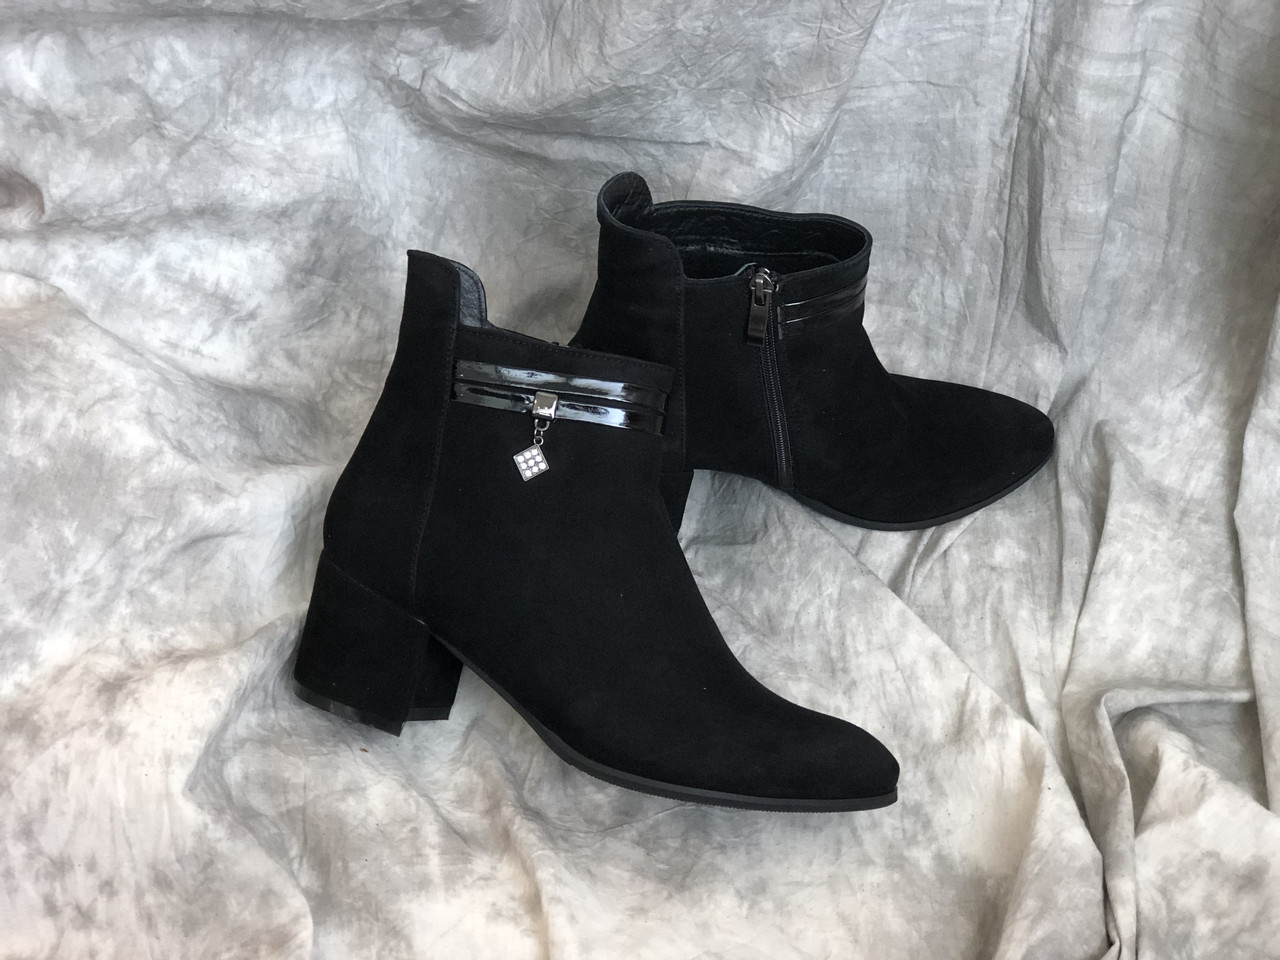 Кожаные женские демисезонные ботинки на маленьком каблуке 1023 ч/з размеры 36,37,38,39,40,41